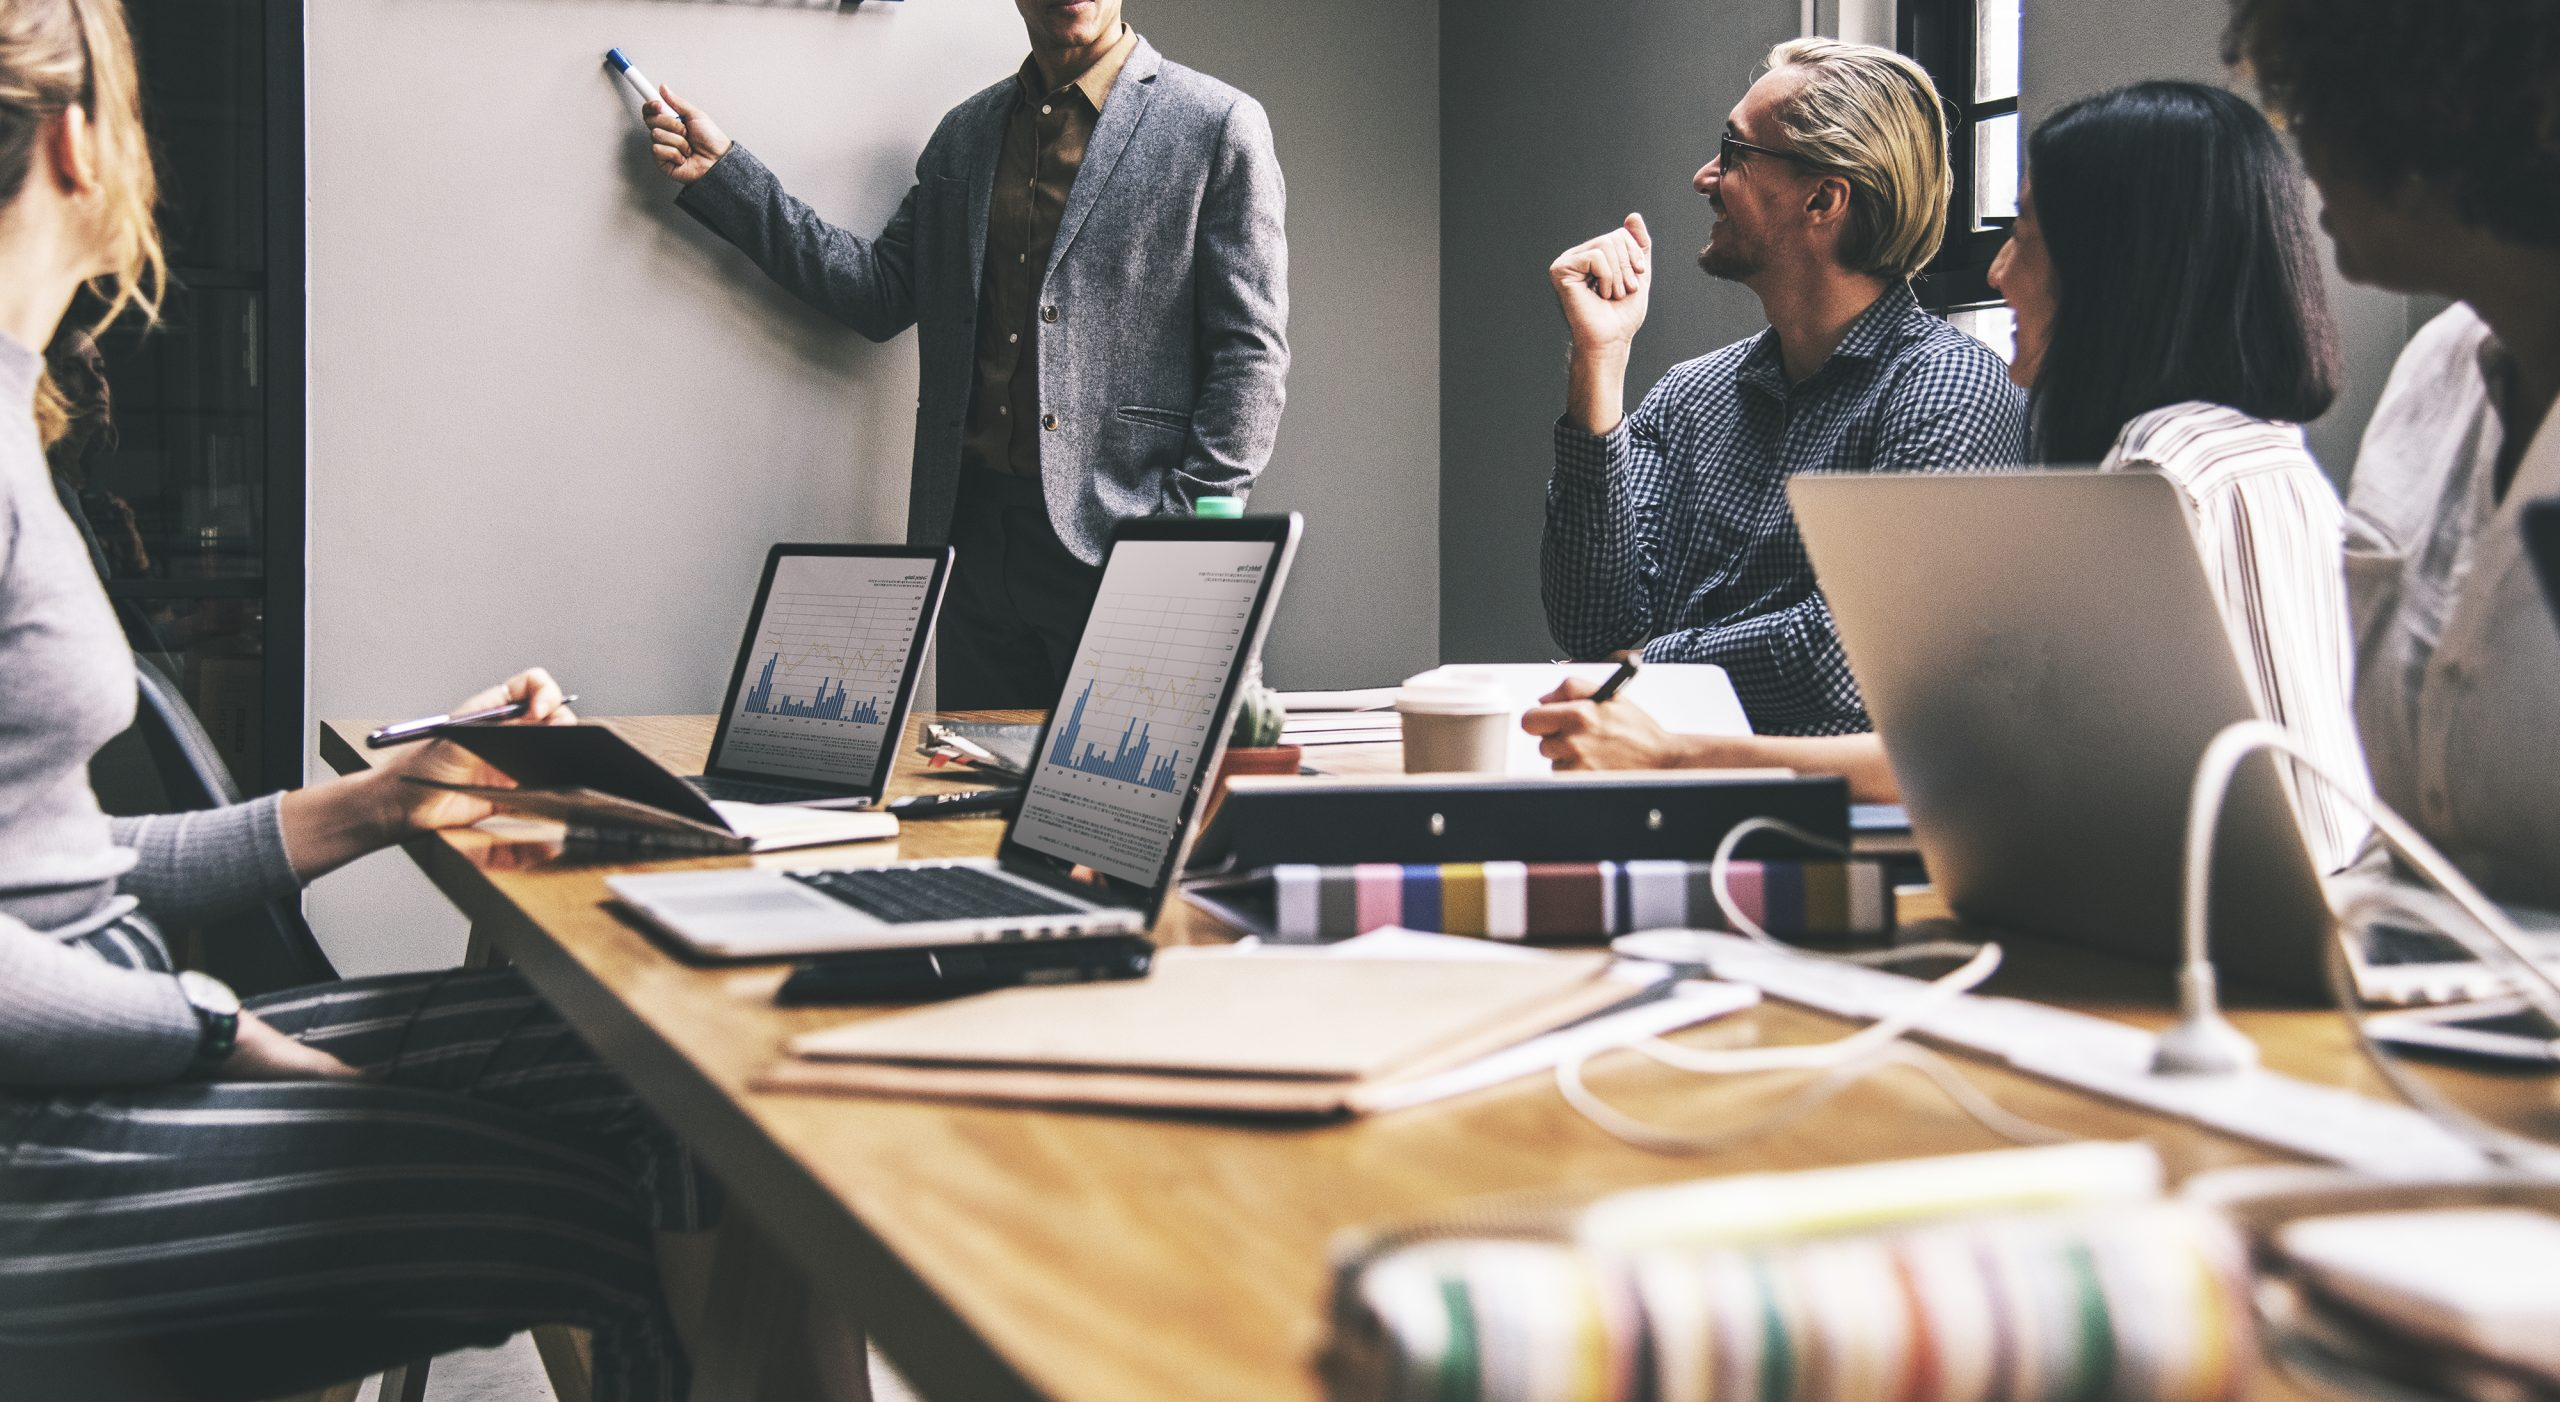 Hiểu rõ 6 giai đoạn của một kế hoạch triển khai ERP trong doanh nghiệp